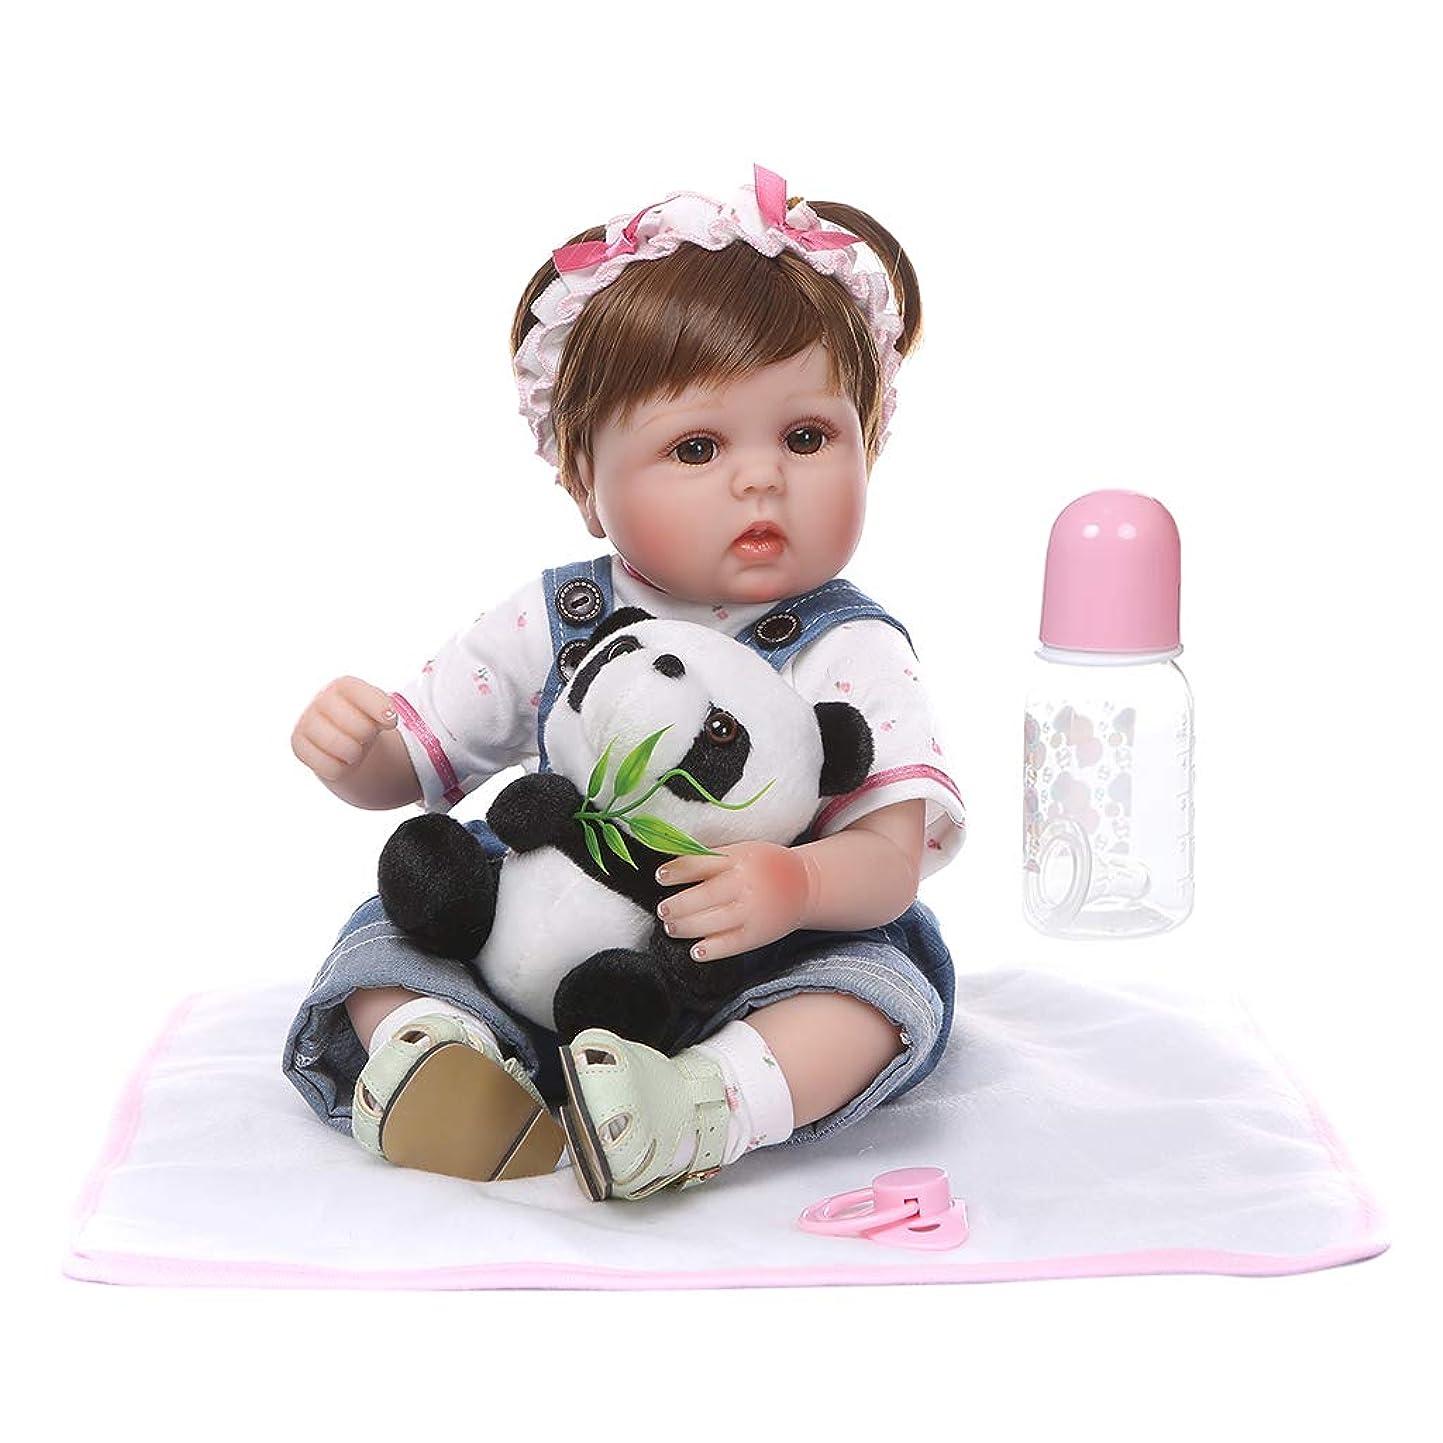 勧める化学者おとうさんbluederst 16 ''生まれ変わった赤ちゃん女の子人形生まれたばかりの赤ちゃん人形リアルなリアルシリコーンビニール新生児赤ちゃんのおもちゃ女の子王女服おしゃぶりリアルな手作りギフト